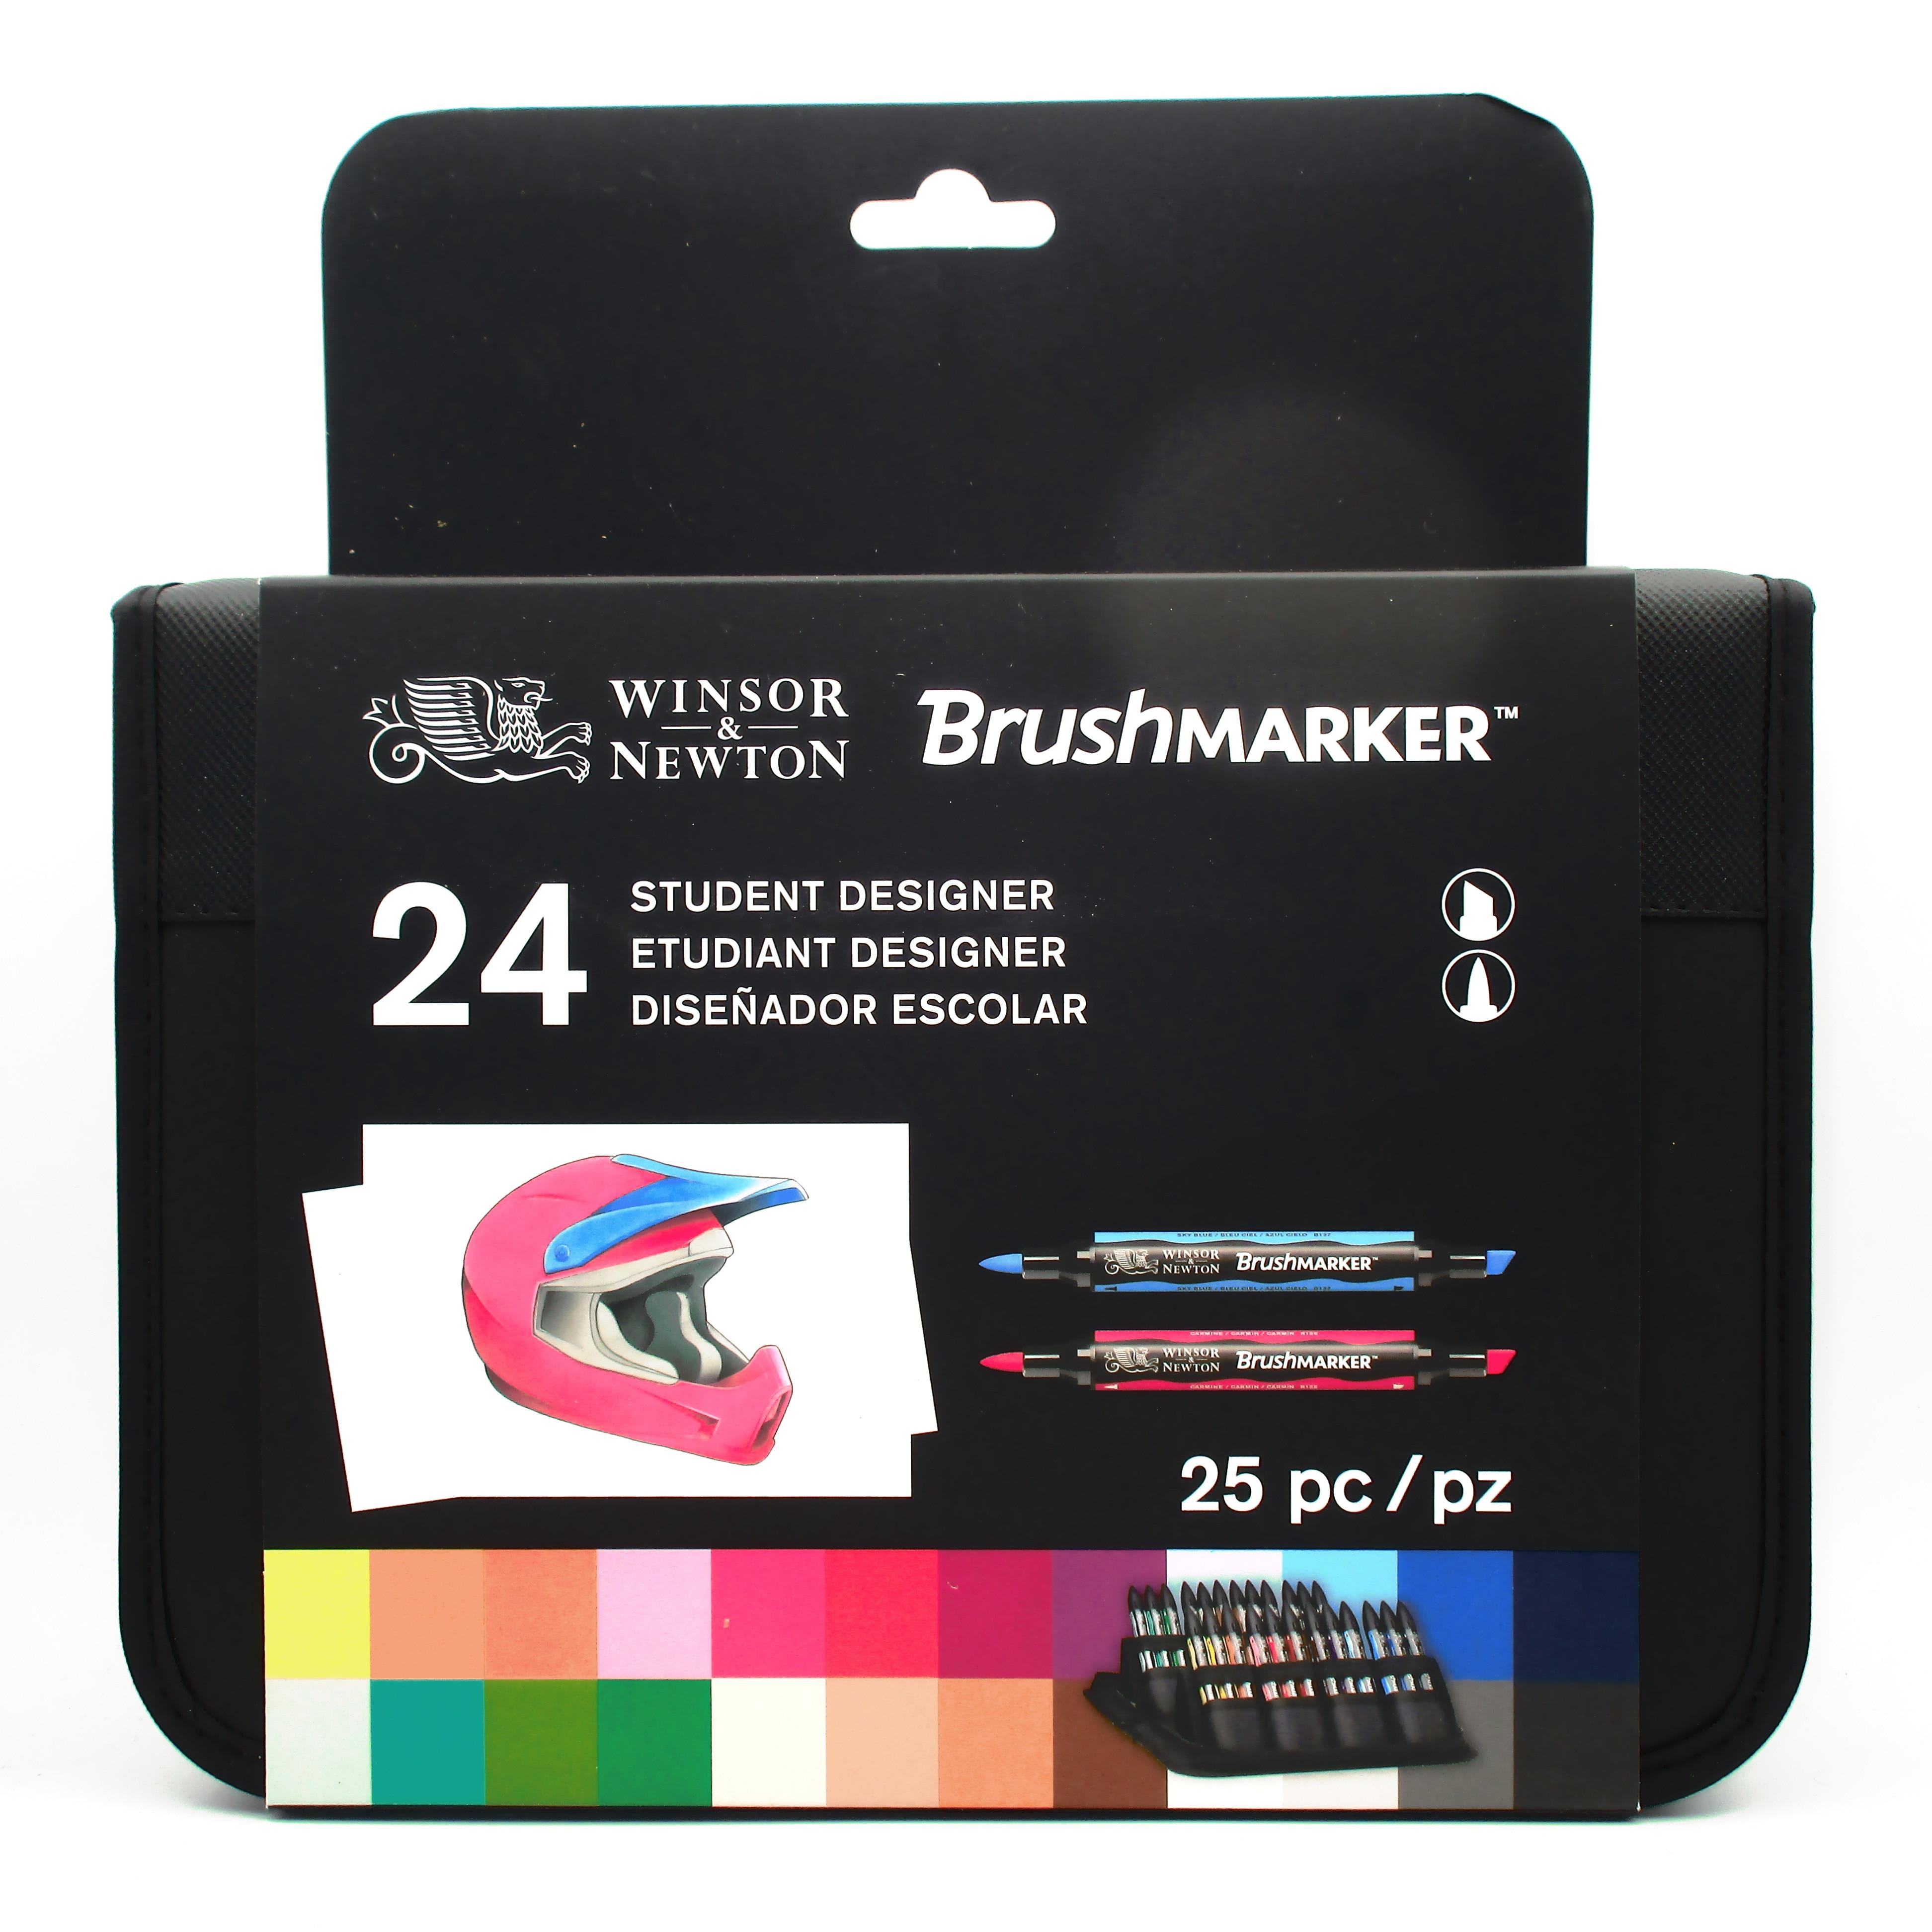 Winsor & Newton pinceau étudiant Designer ensemble 24 couleurs marqueurs-in Marqueurs à dessin from Fournitures scolaires et de bureau    1